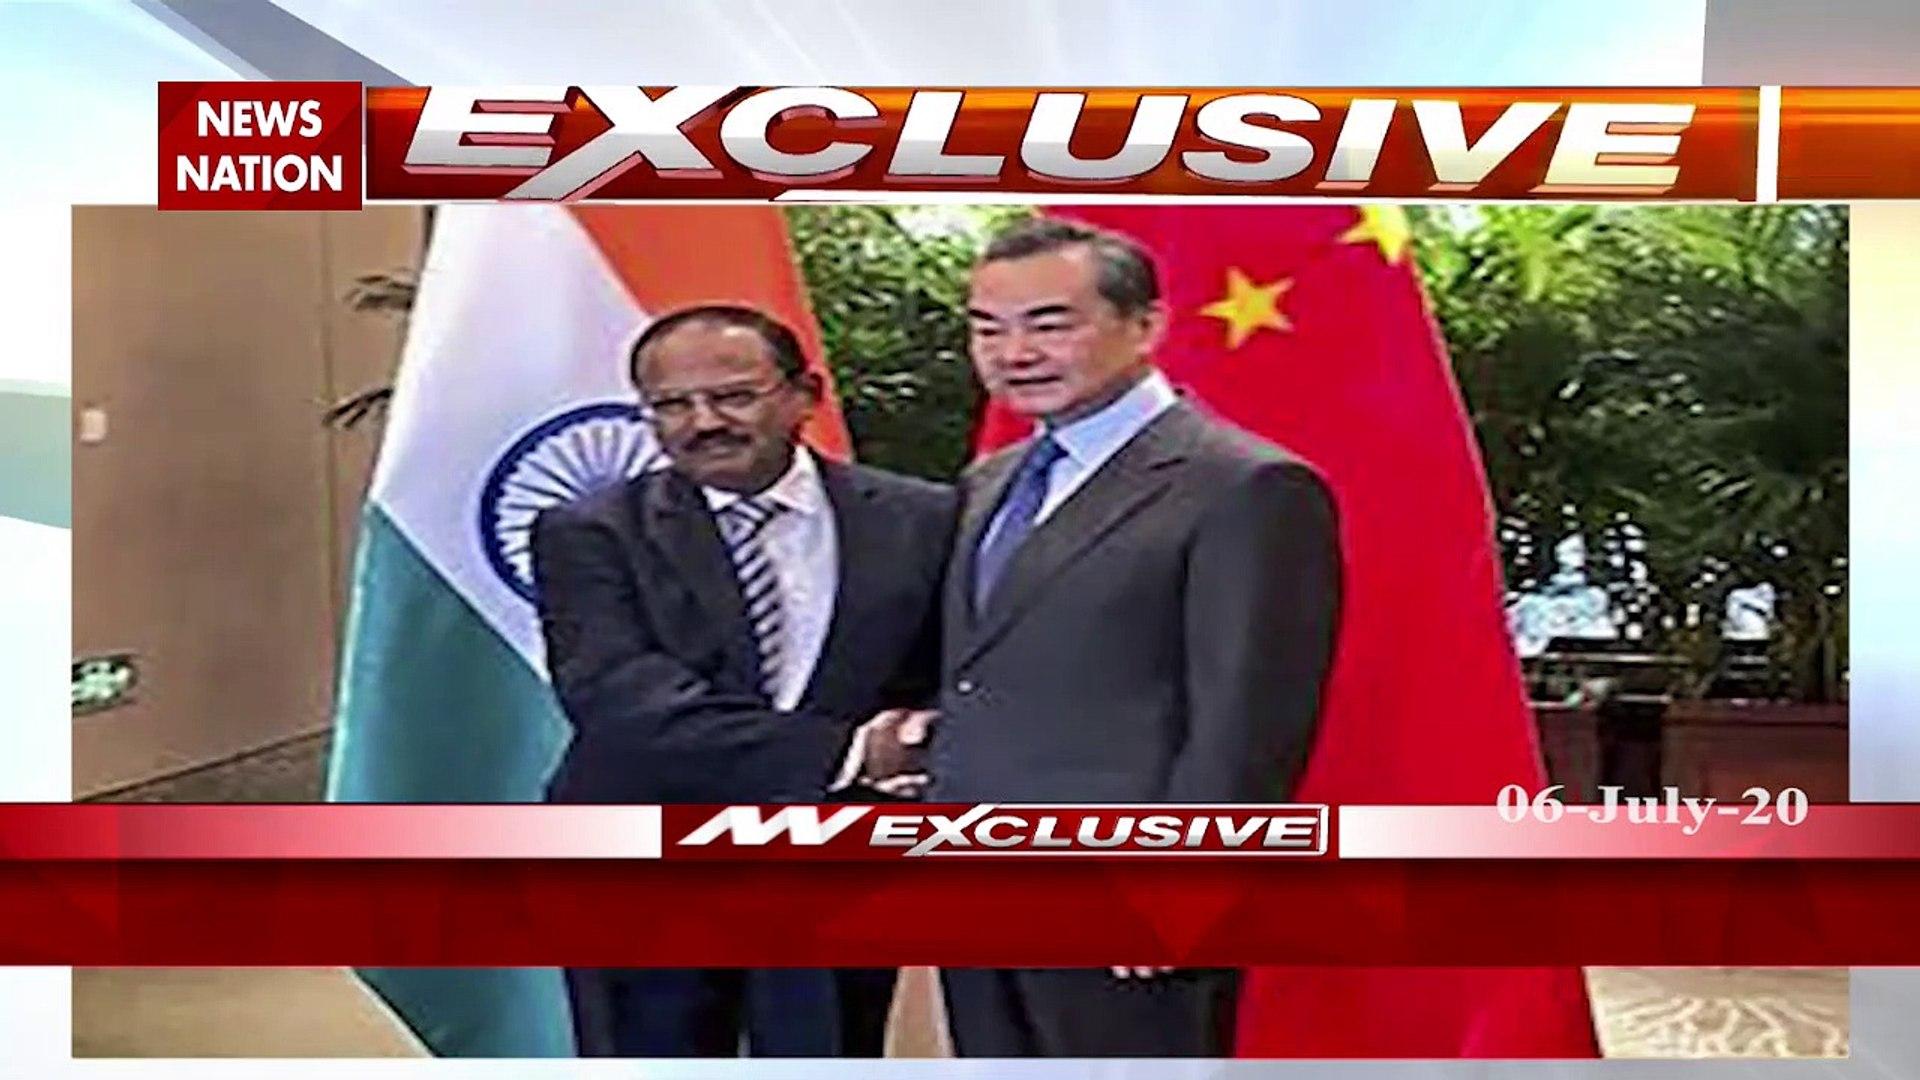 India China Face off: चरणबद्ध तरीके से LAC से हटेगी चीन की सेना, देखें खास रिपोर्ट